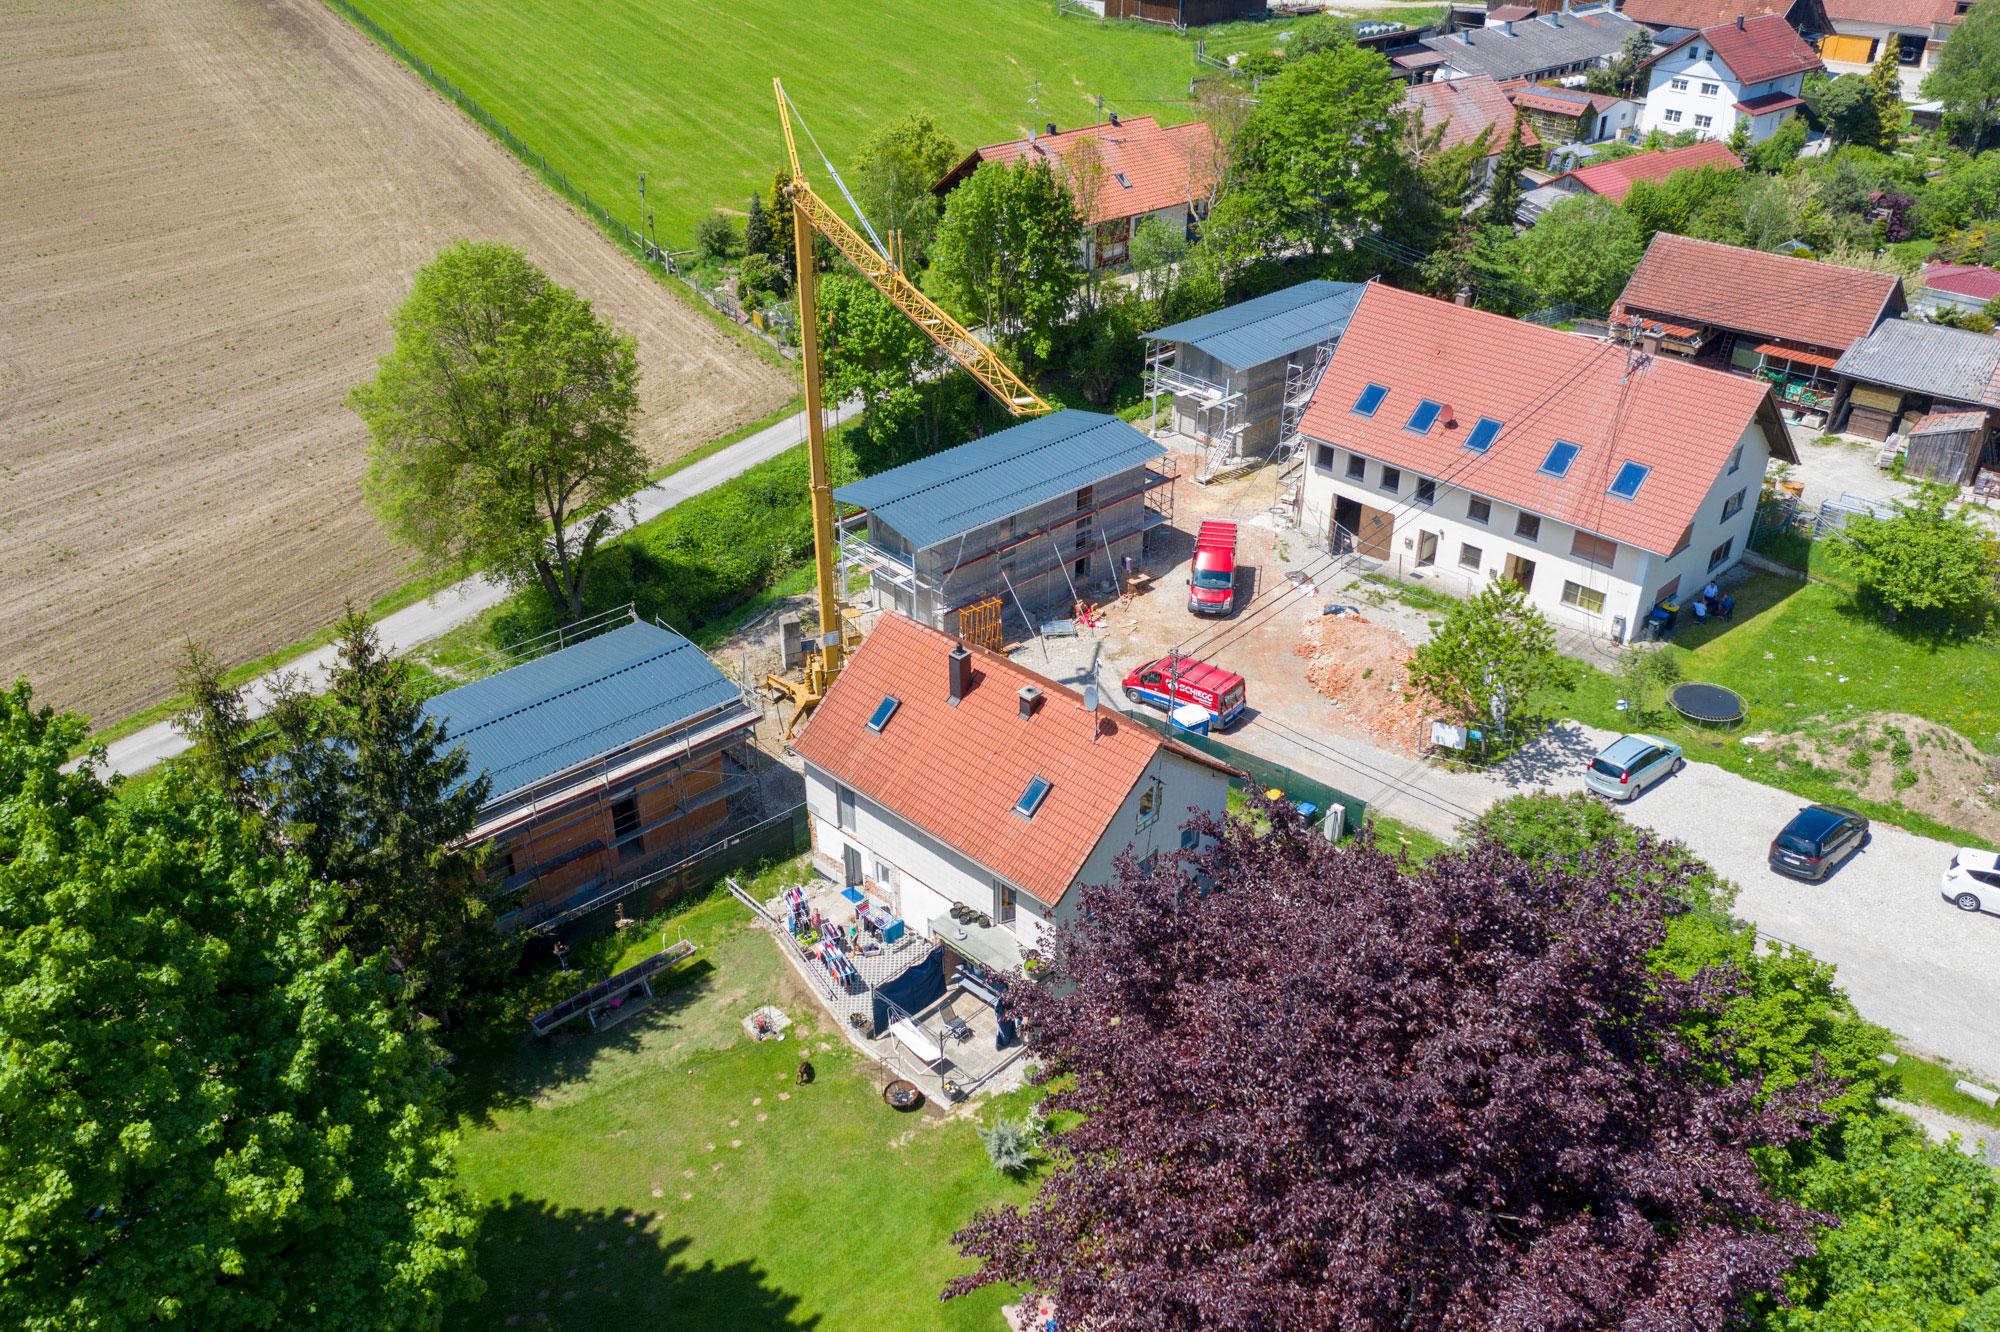 Umbau eines Bauernhofes_Luftbild 4